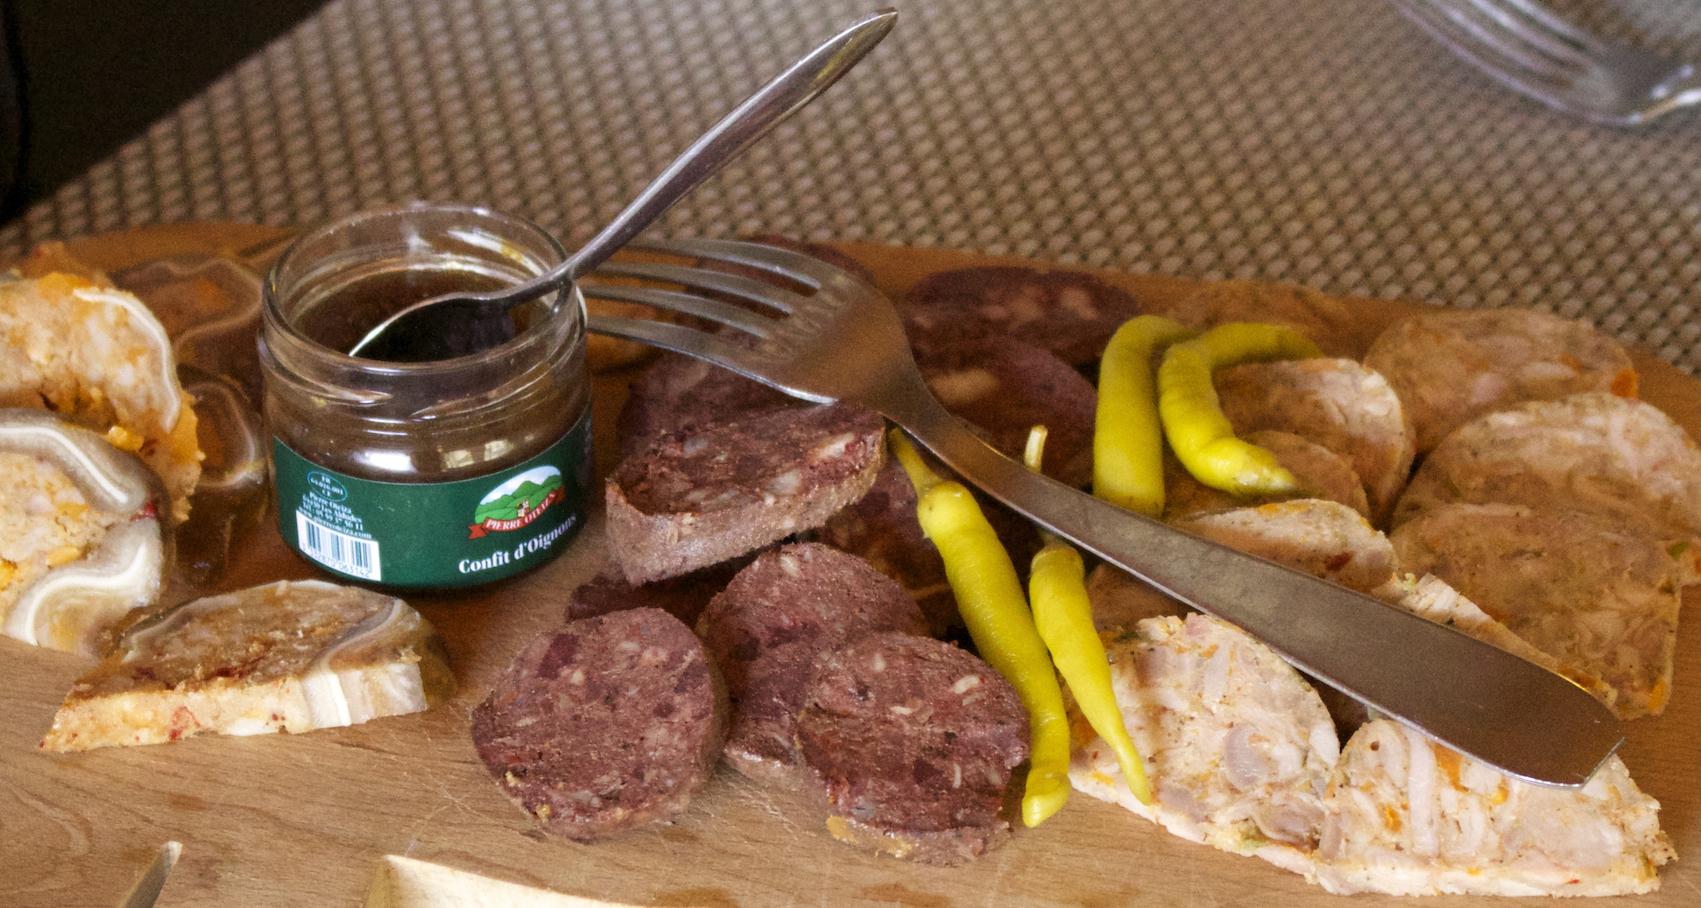 journée-visite-guidée-saint-jean-de-luz-agence-voyage-pays-basque-degustation-charcuterie-pierre-oteiza-26